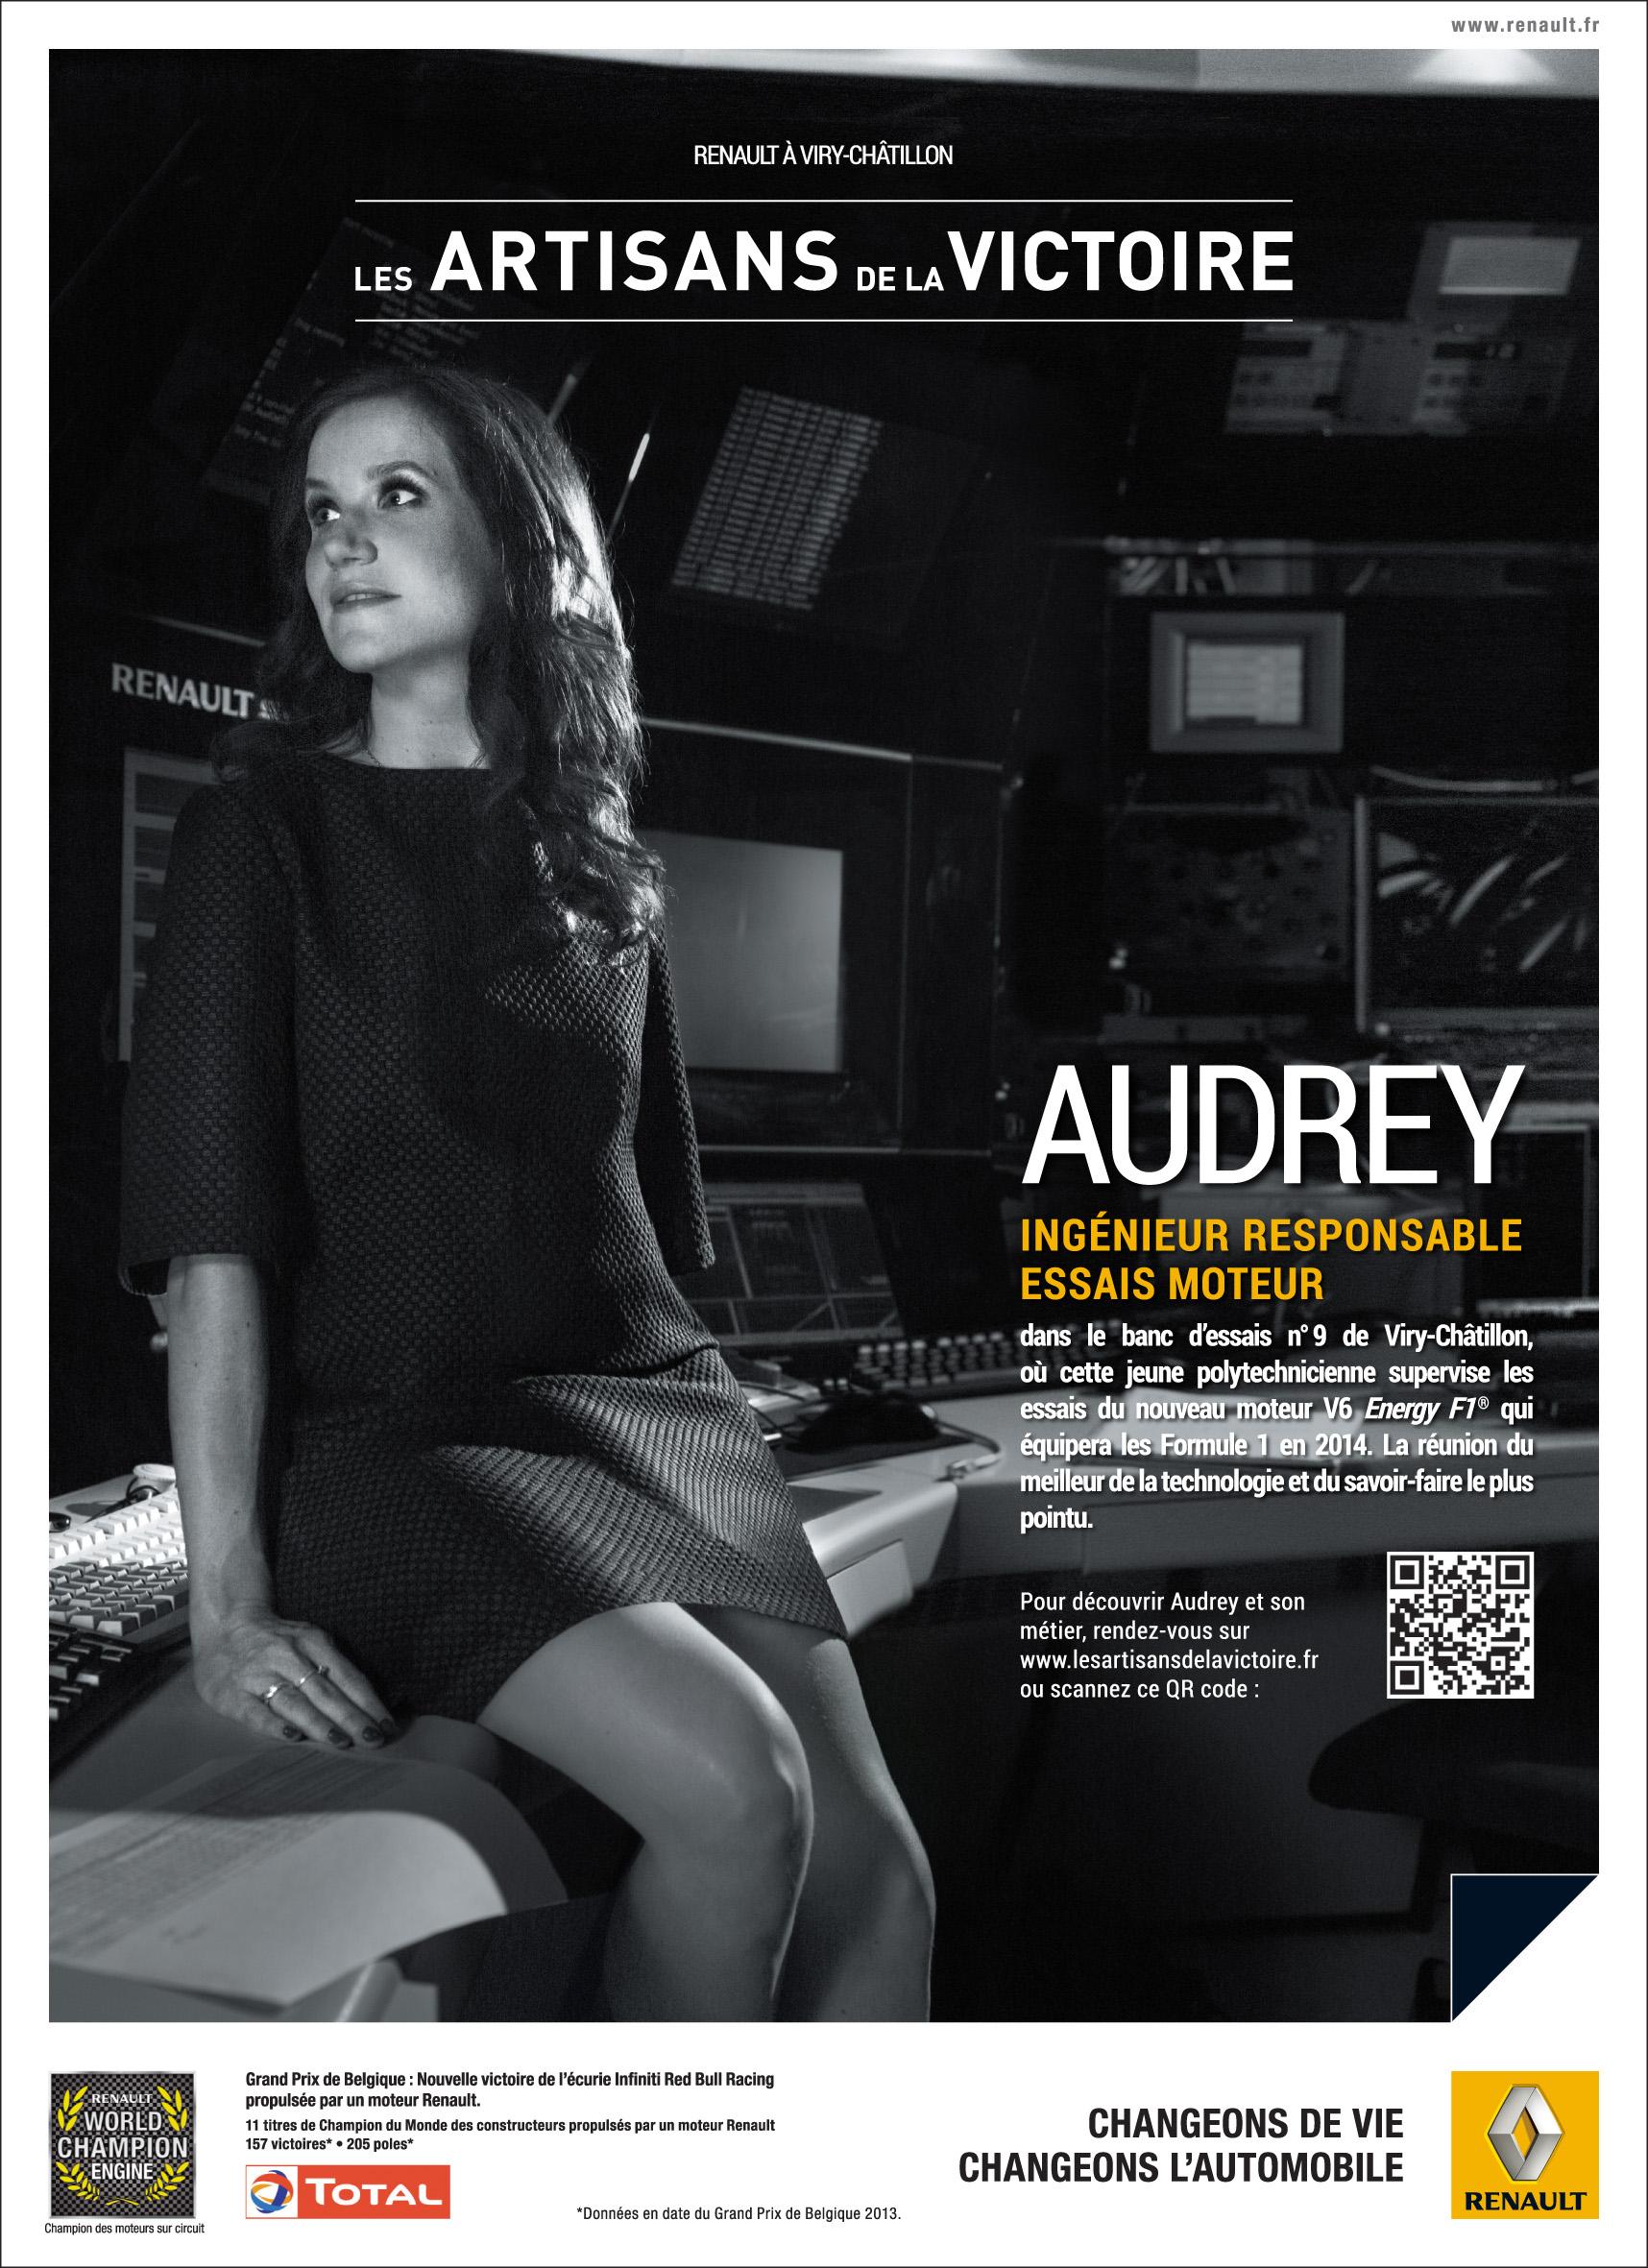 Portrait d'Audrey pour l'opération de Brand Content de Renault